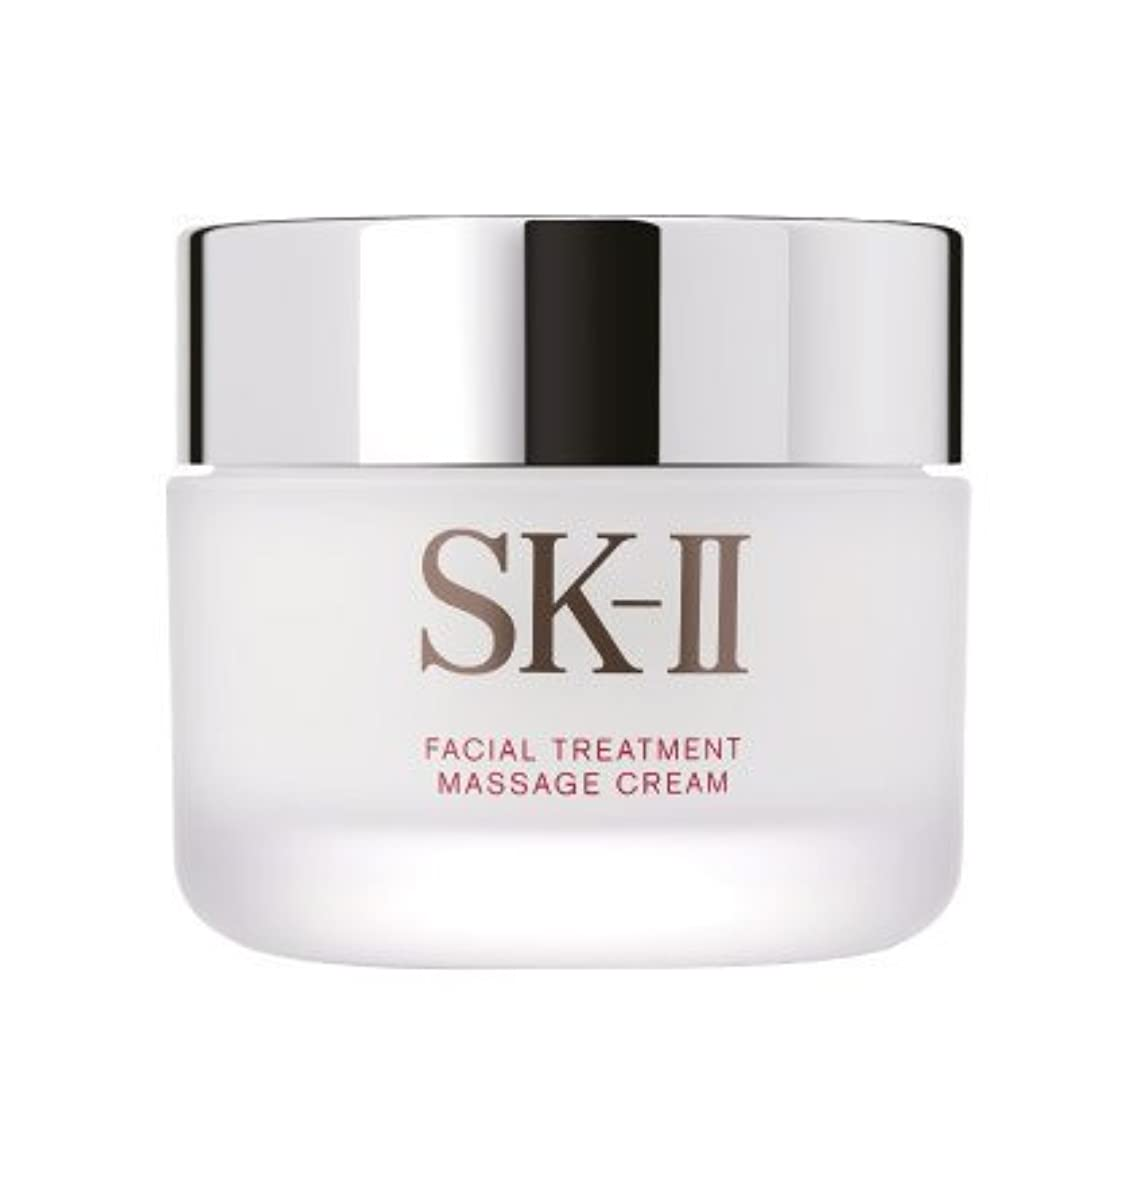 罪人生きているパターンSK-II フェイシャル トリートメント マッサージ クリーム 80g SK2 マックスファクター 化粧品 美容 クリーム